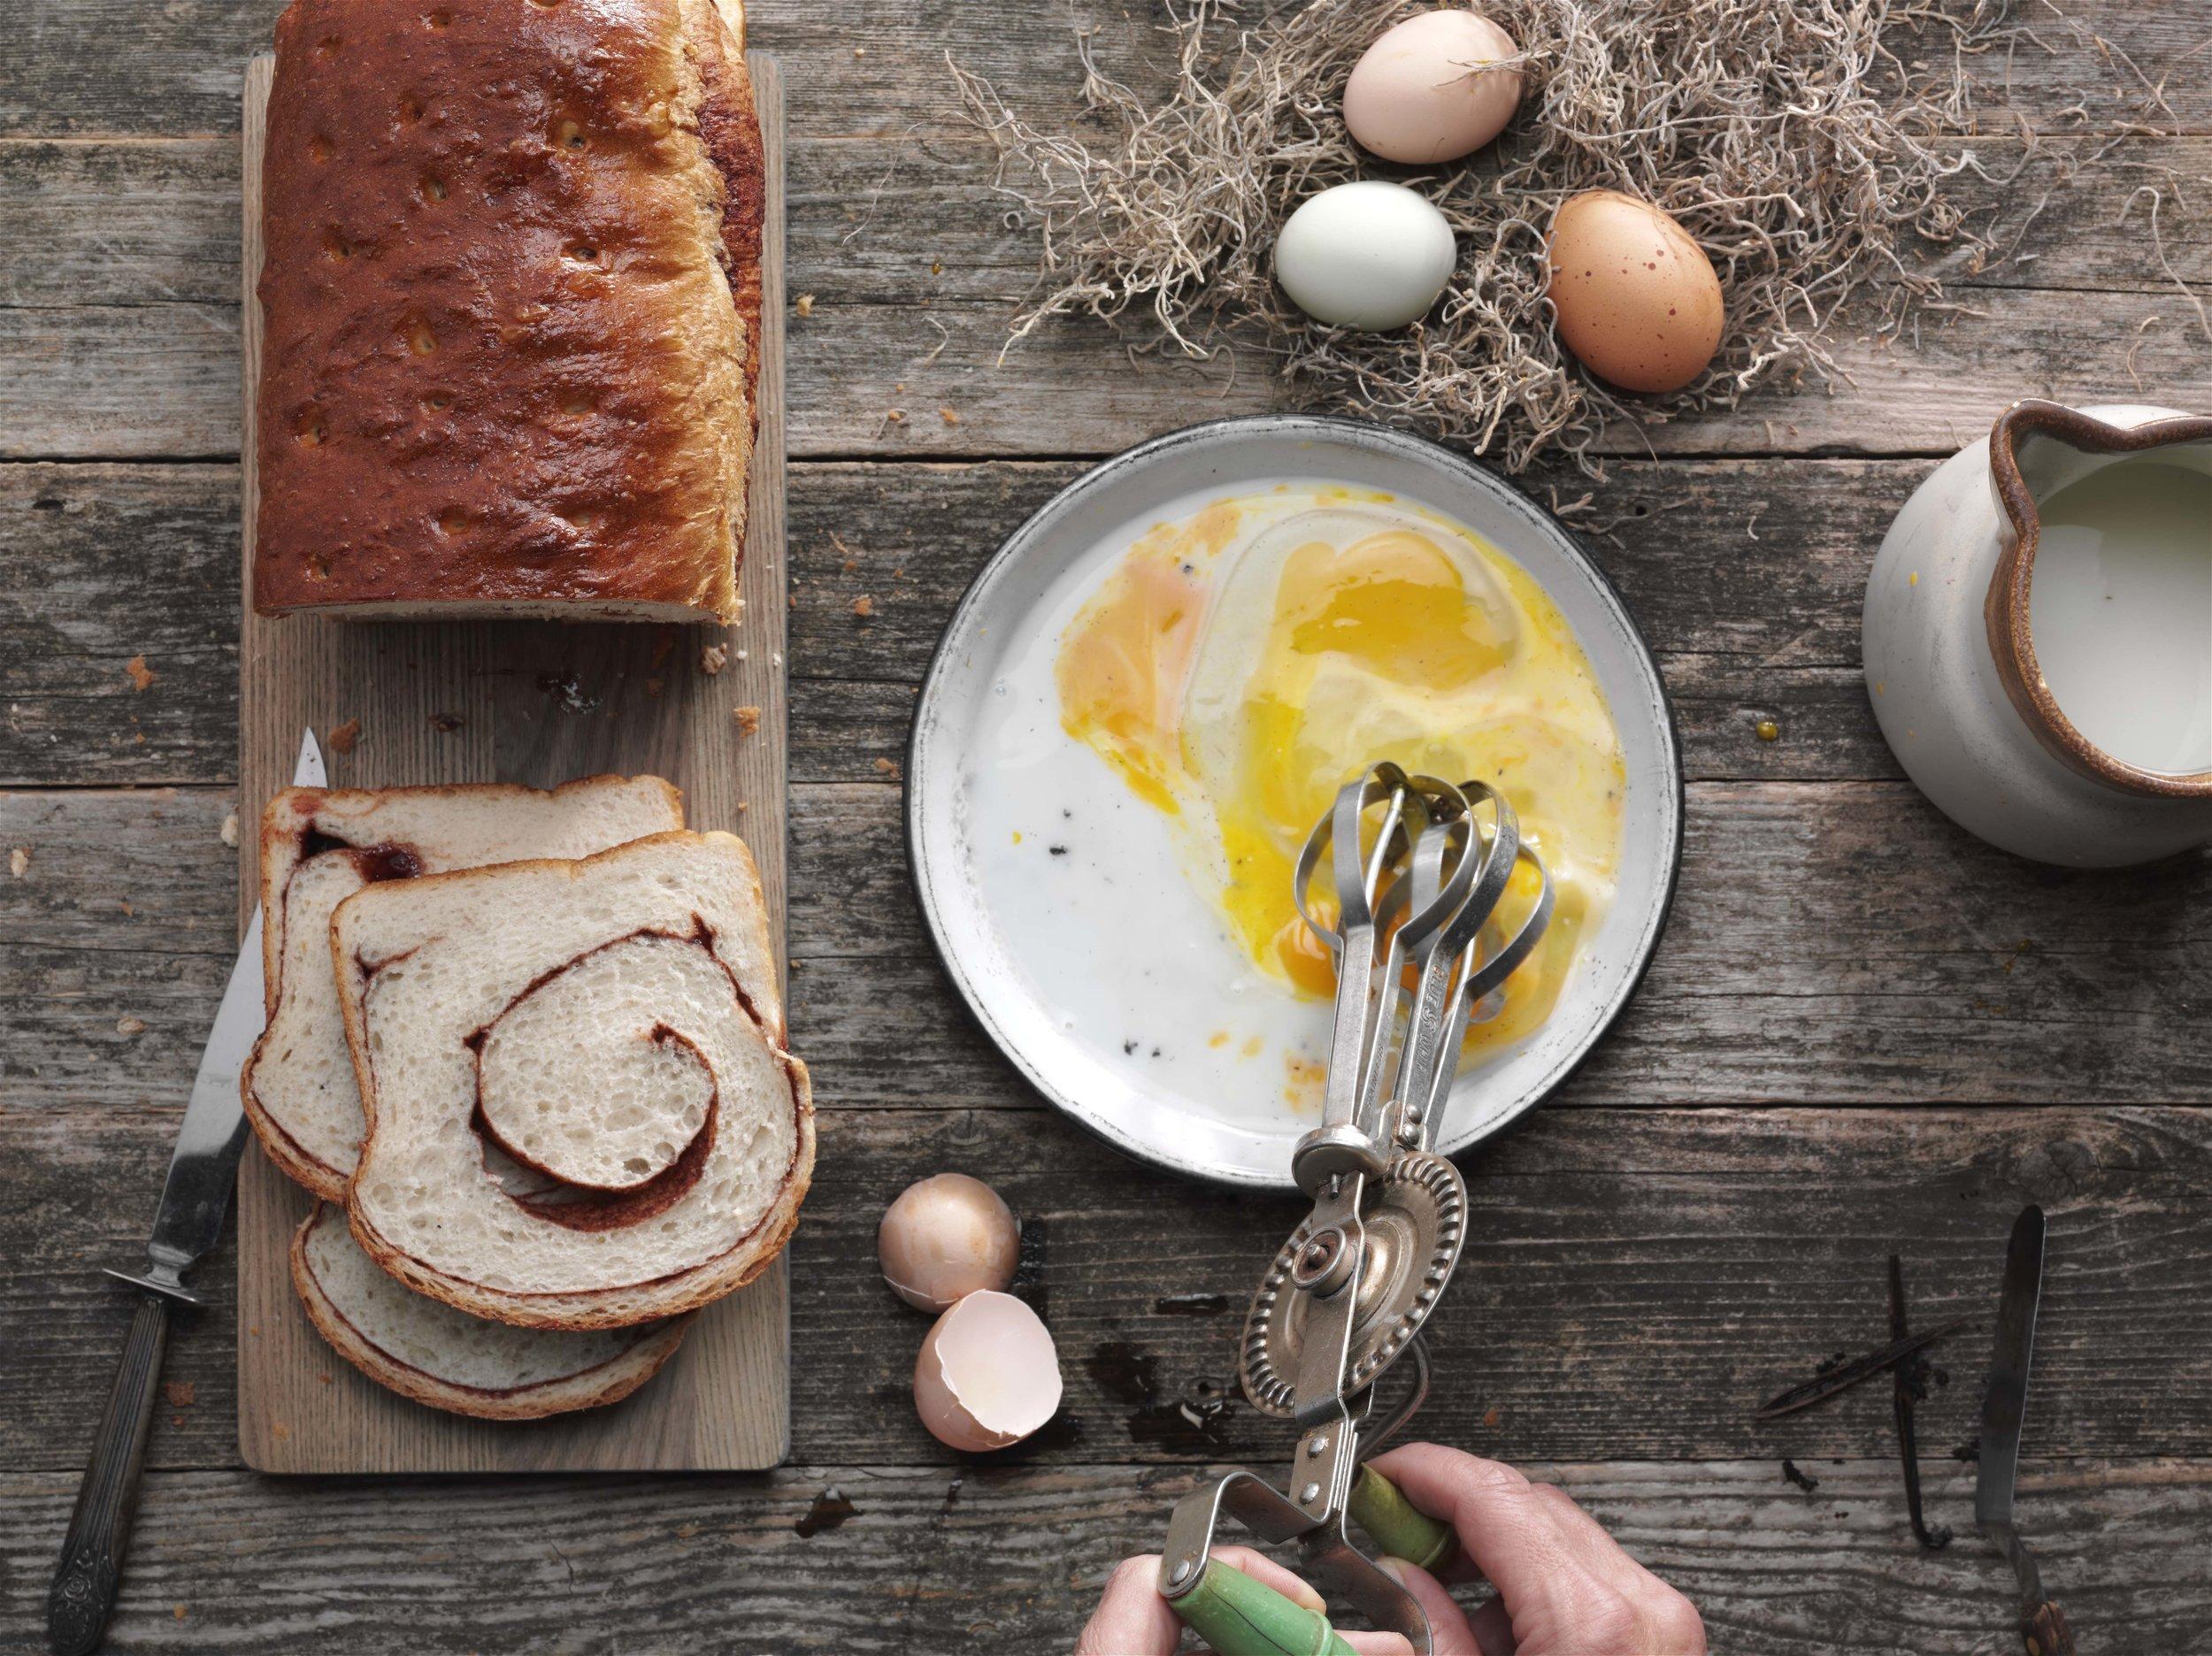 french toast ingredients.v7.jpg